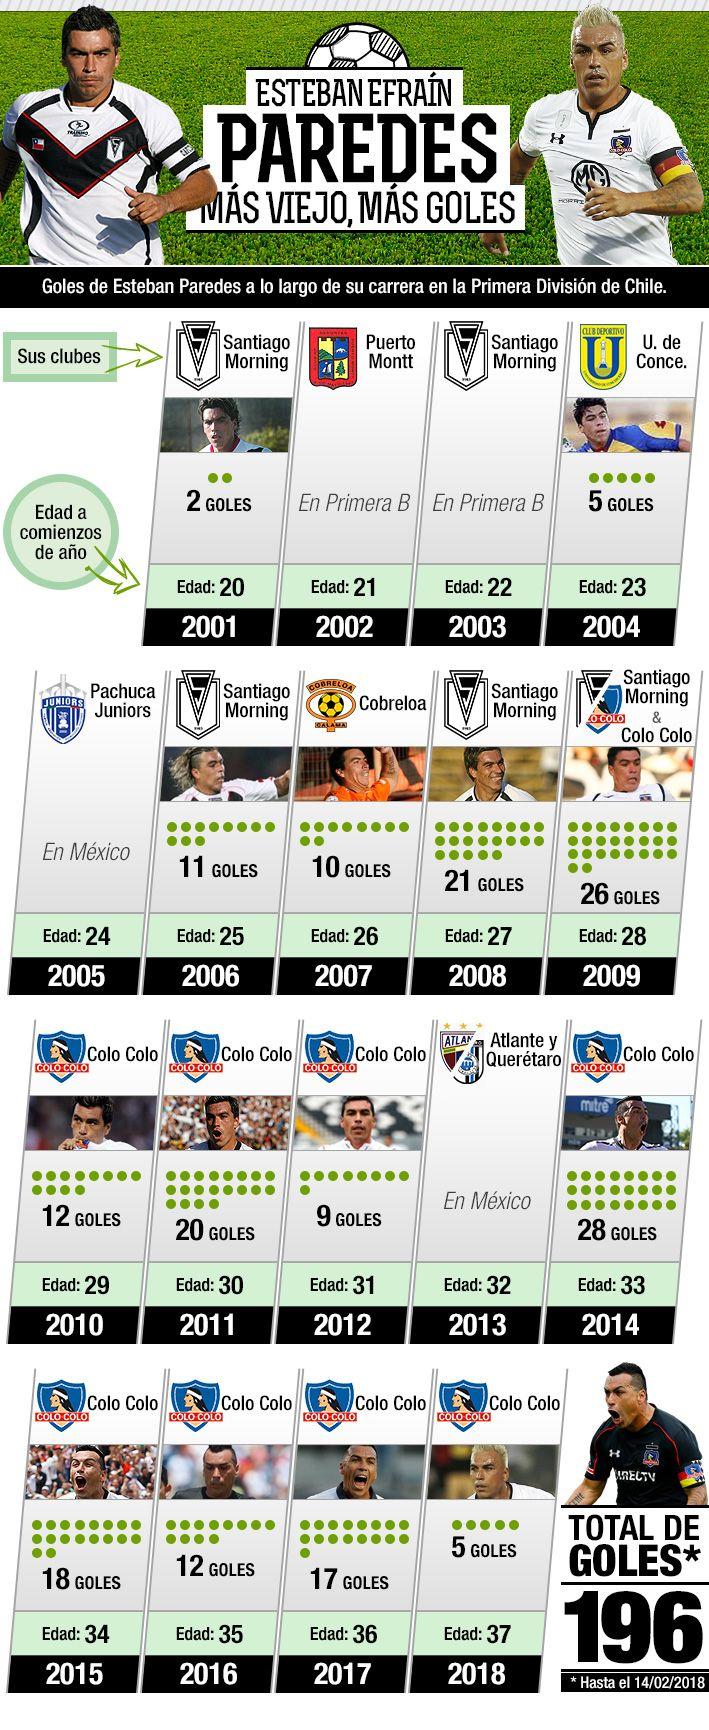 Goleador a través del tiempo: Cómo ha sido la evolución de anotaciones de Esteban Paredes en Primera División   Emol.com